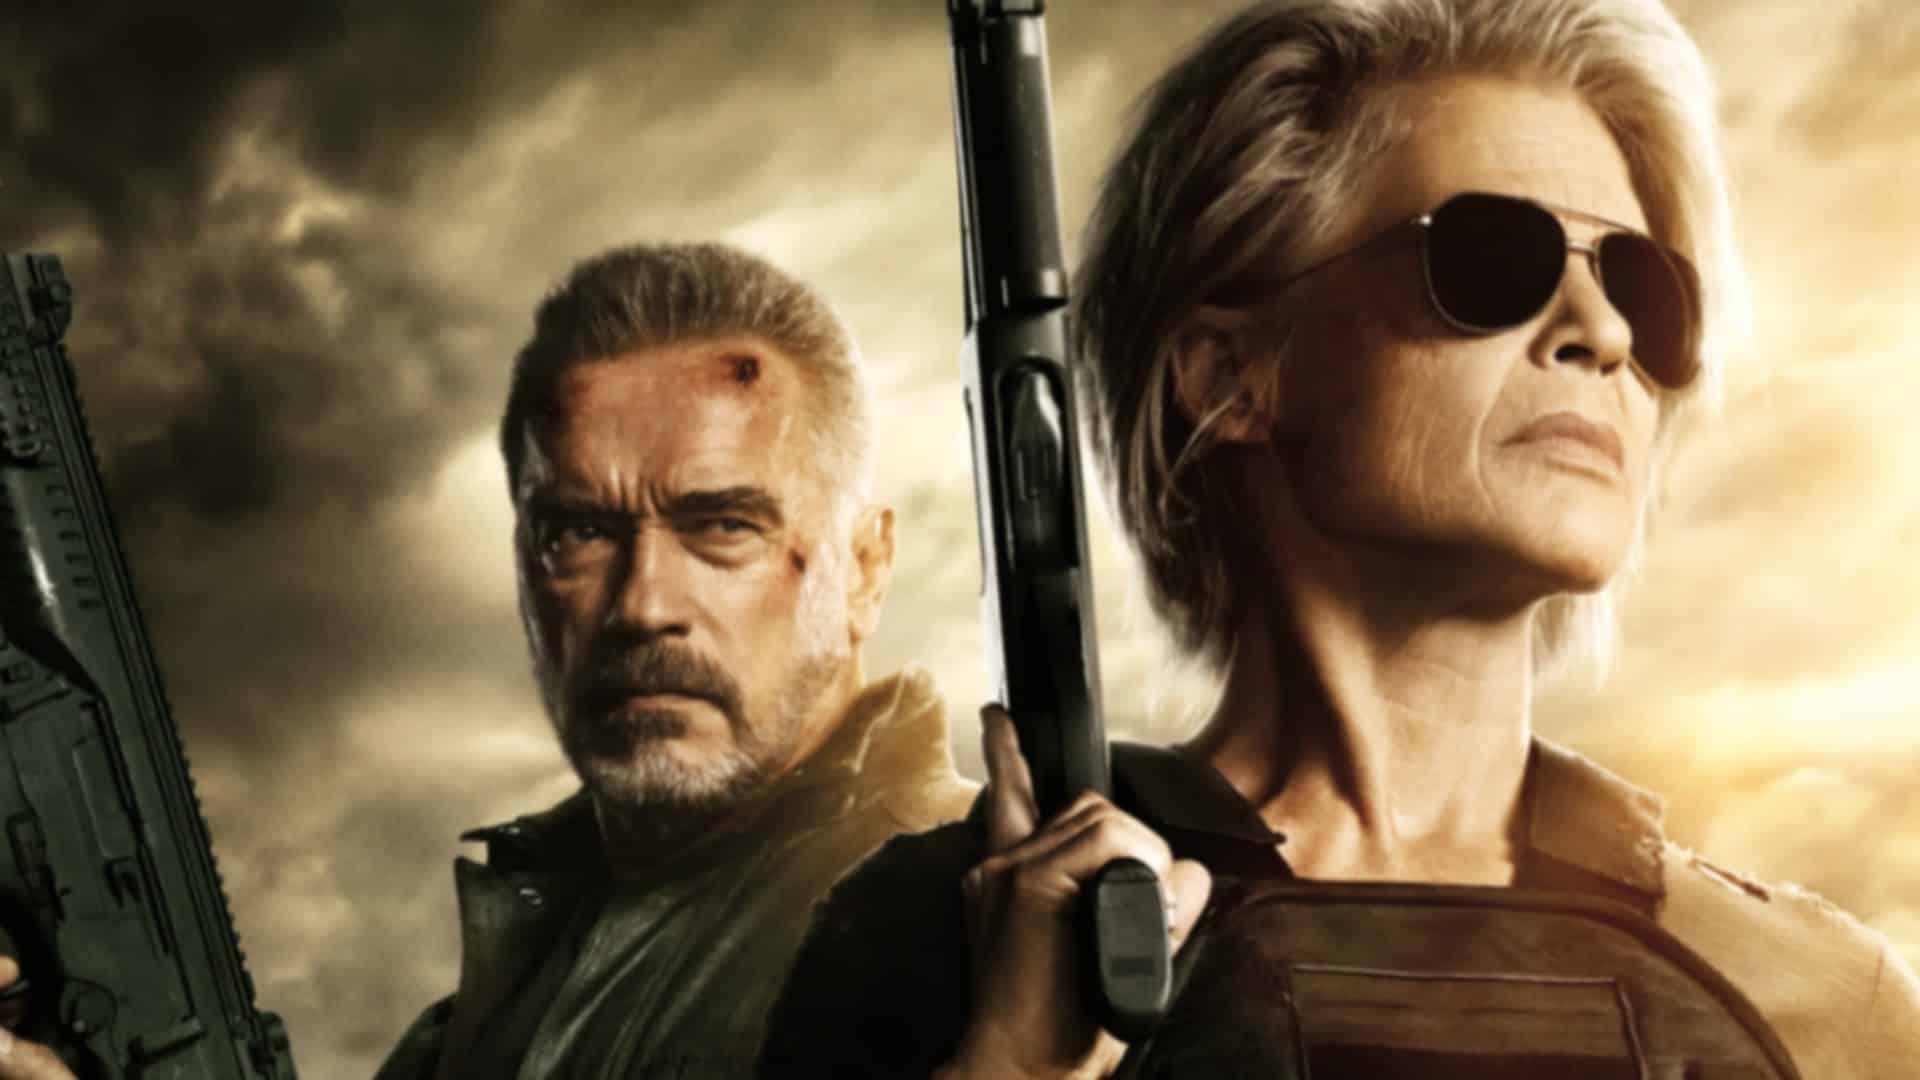 Terminator: Destino oscuro, svelato il sorprendente nome del personaggio di Arnold Schwarzenegger